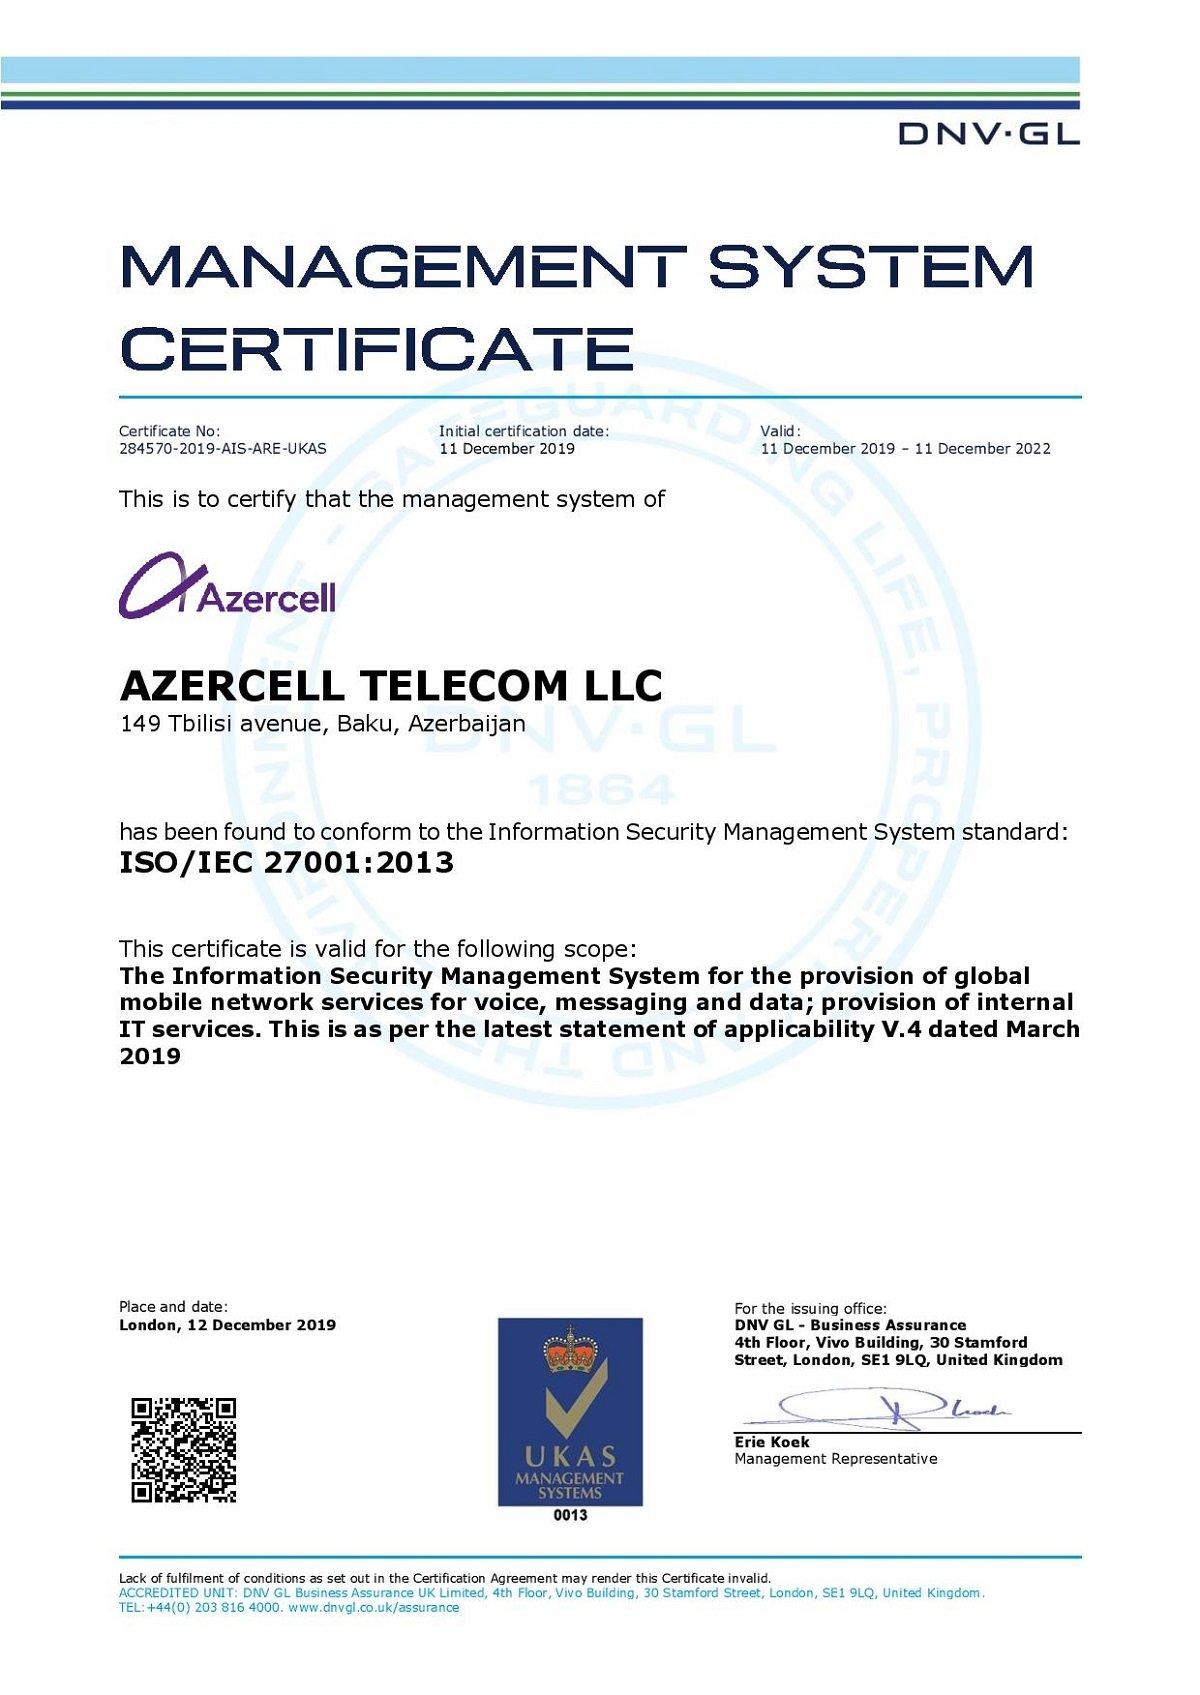 Azercell Azərbaycanda İSO/IEC 27001 Beynəlxalq İnformasiya Təhlükəsizliyi Standartına uyğunluq sertifikatını alan ilk mobil operator oldu